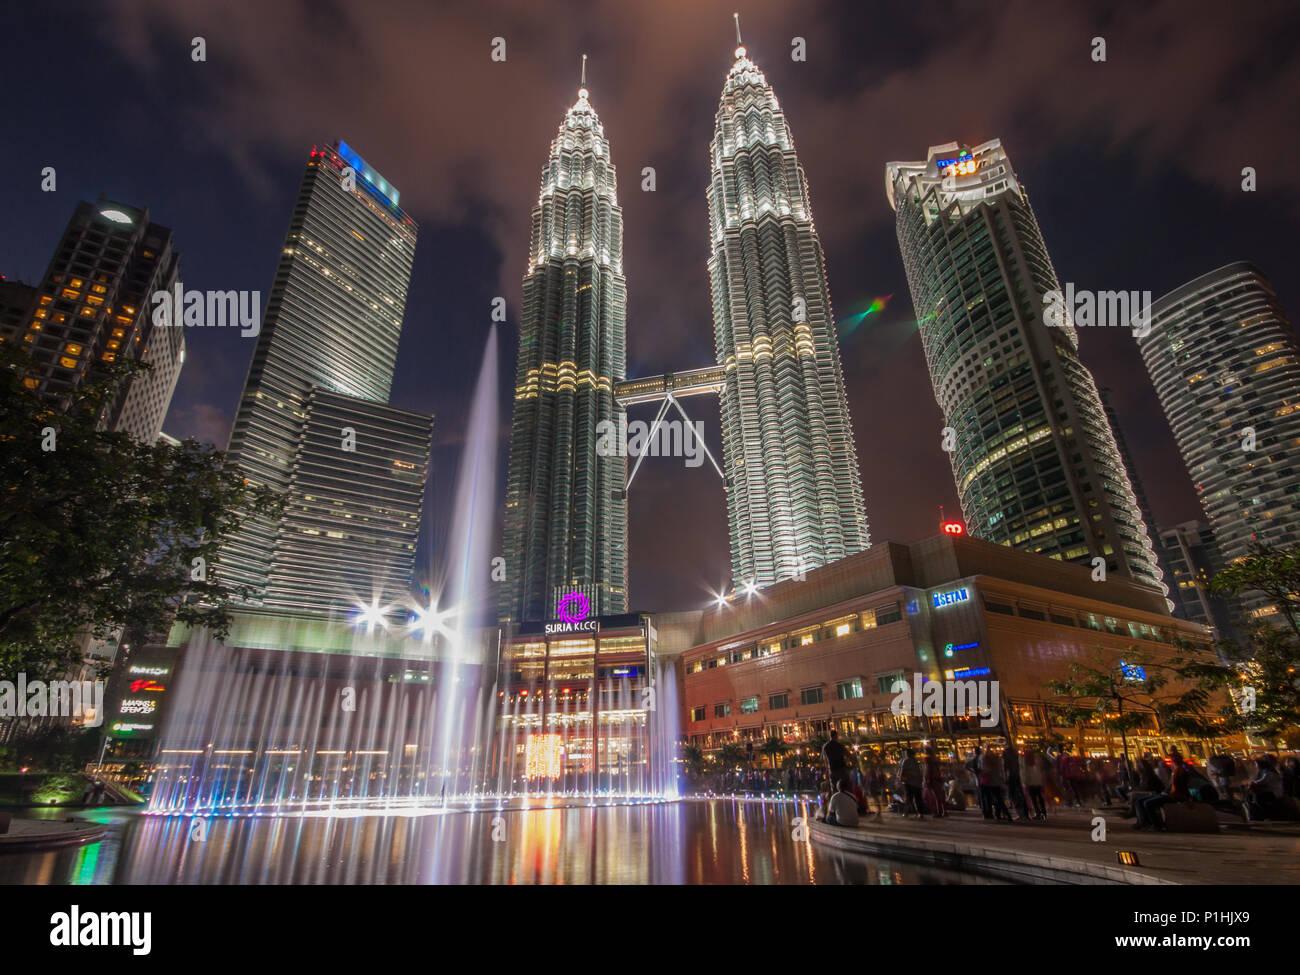 Kuala Lumpur, Malasia - una acogedora ciudad que ofrece una gran cantidad de interesantes de hitos, el más famoso de ellos es las Torres Petronas Imagen De Stock